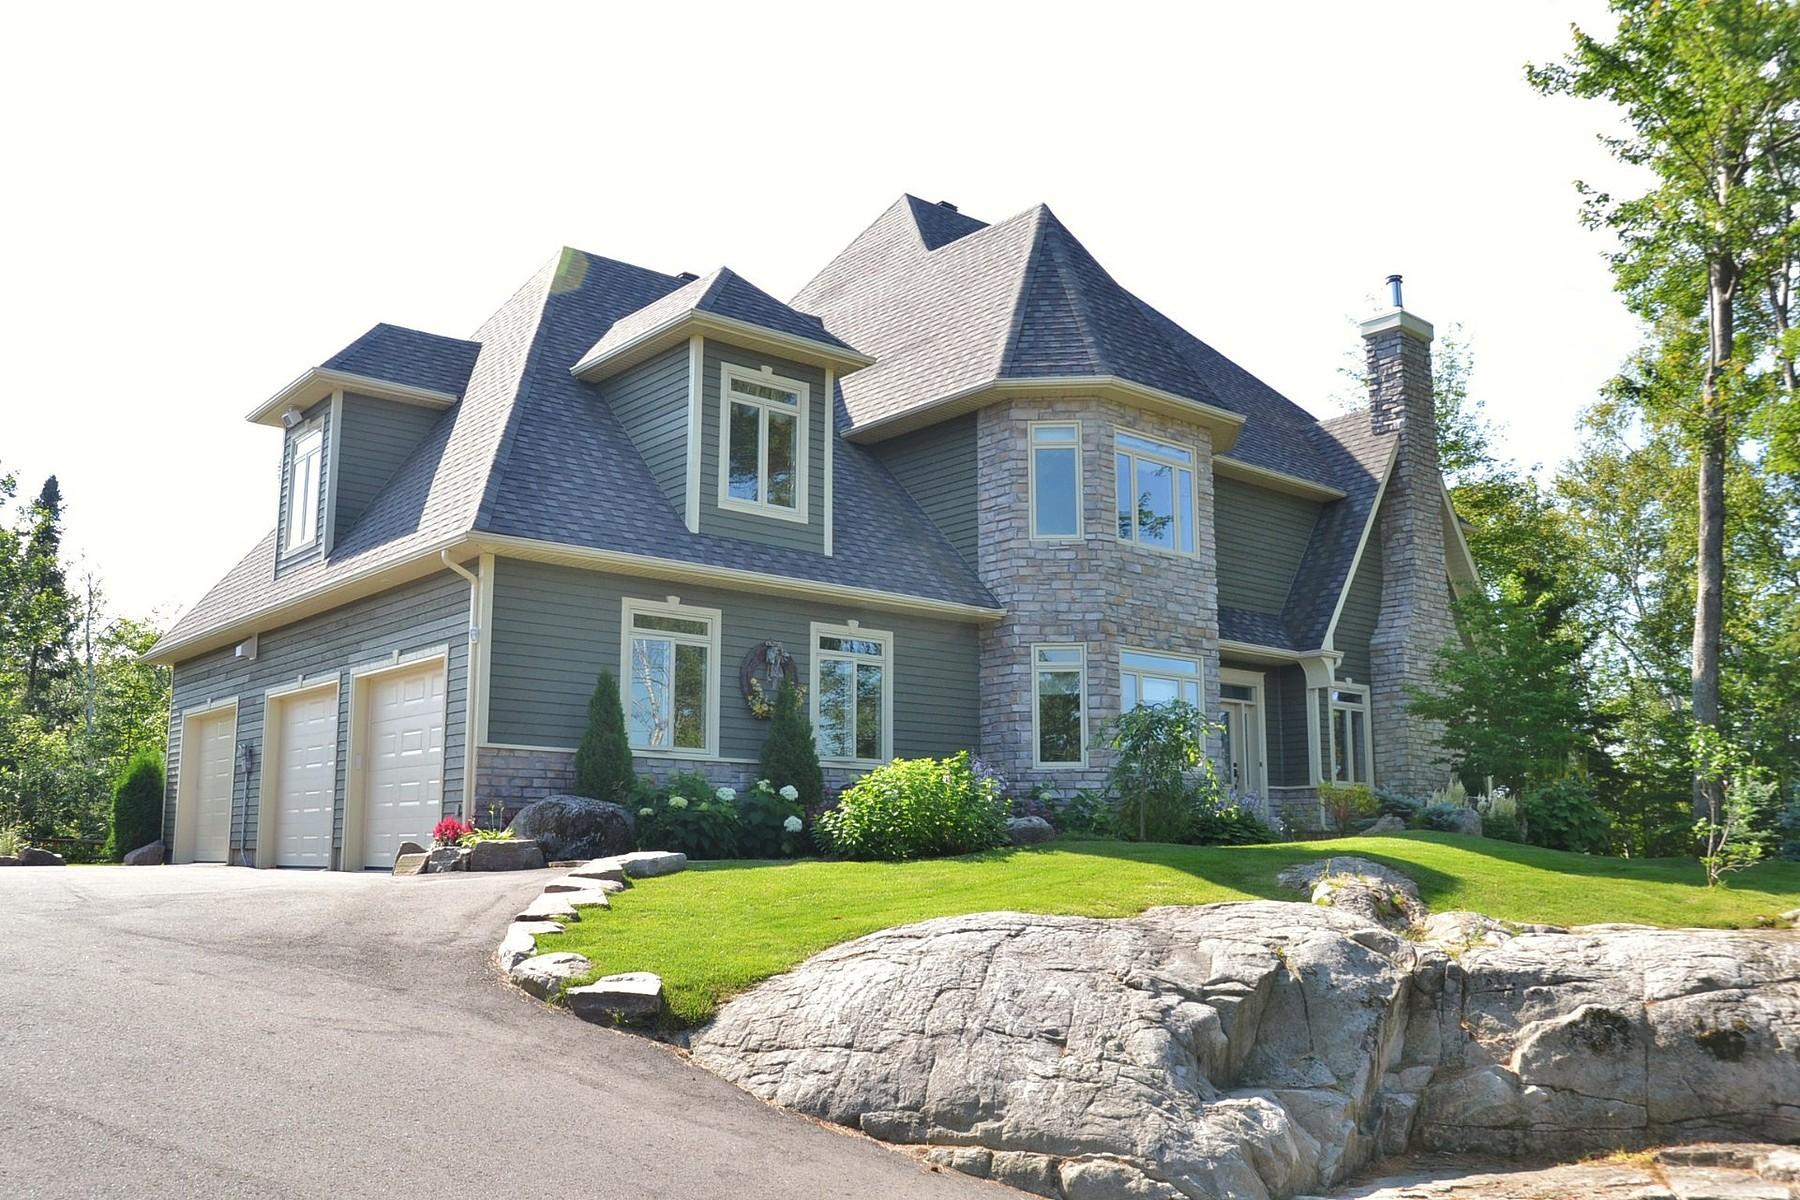 Single Family Home for Sale at Sainte-Adèle, Laurentides 2105 Ch. de l'Ermitage Sainte-Adele, Quebec, J8B0A9 Canada